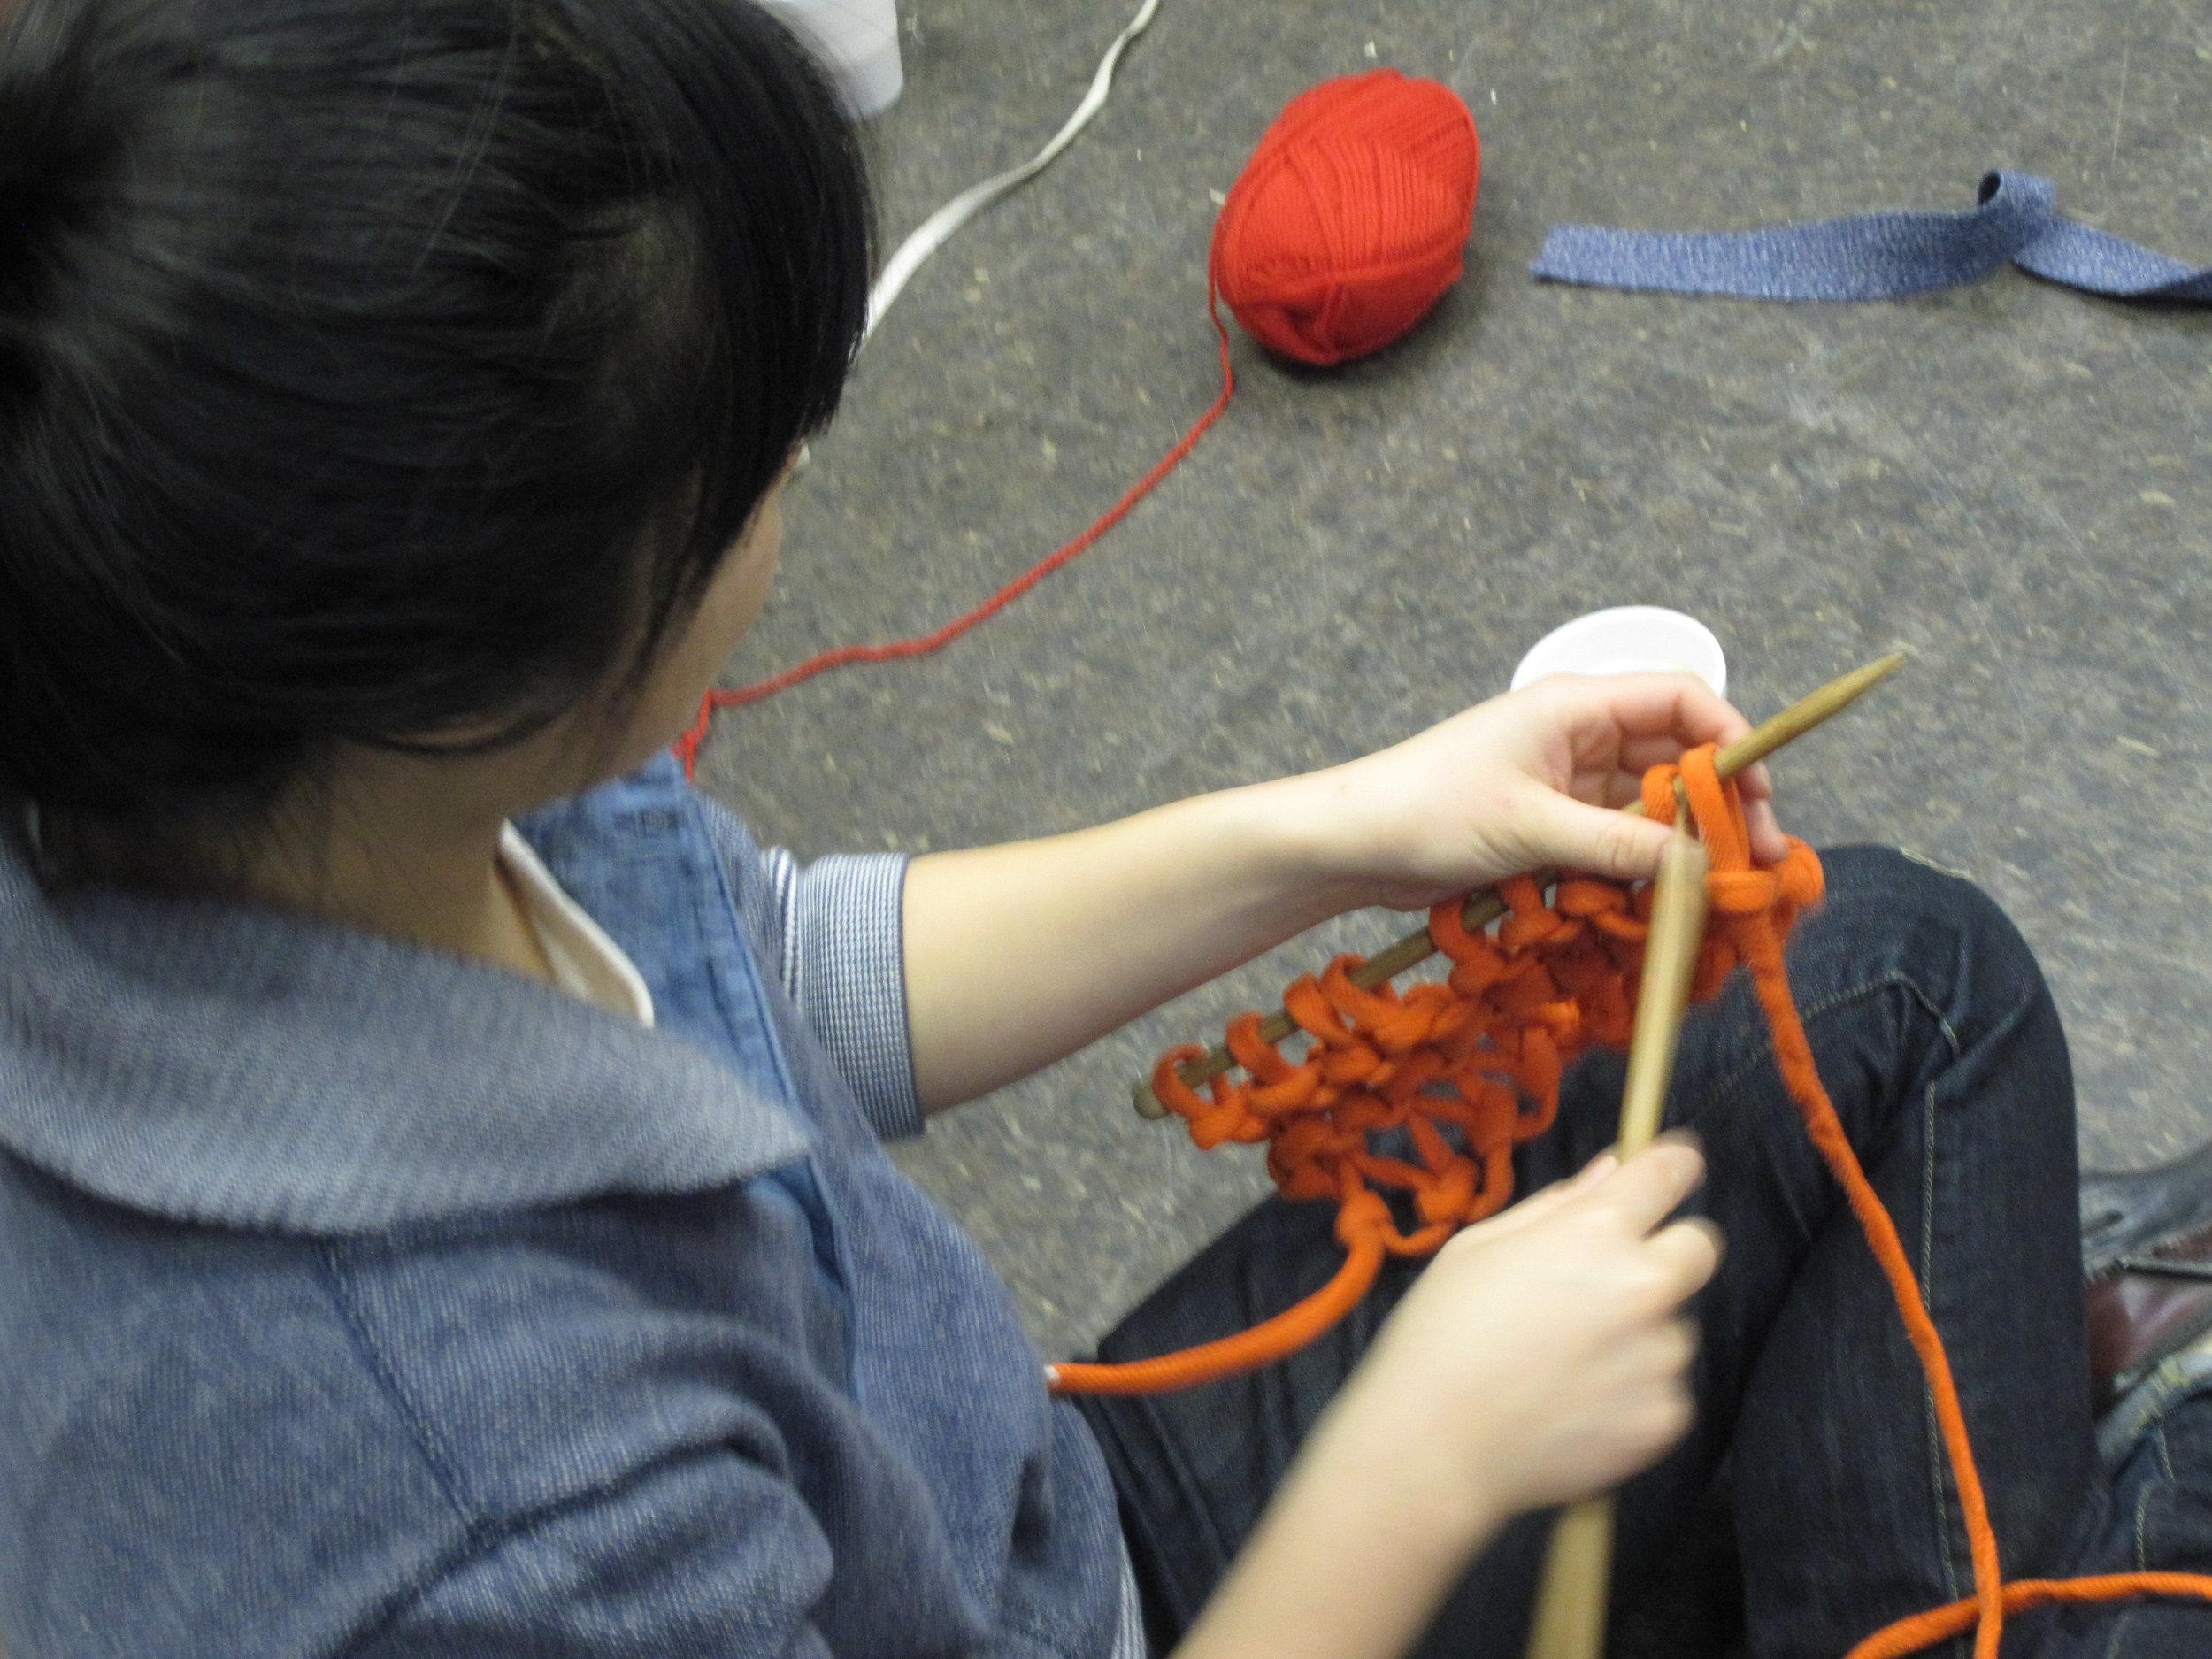 knittingmarathon10_4314447537_o.jpg